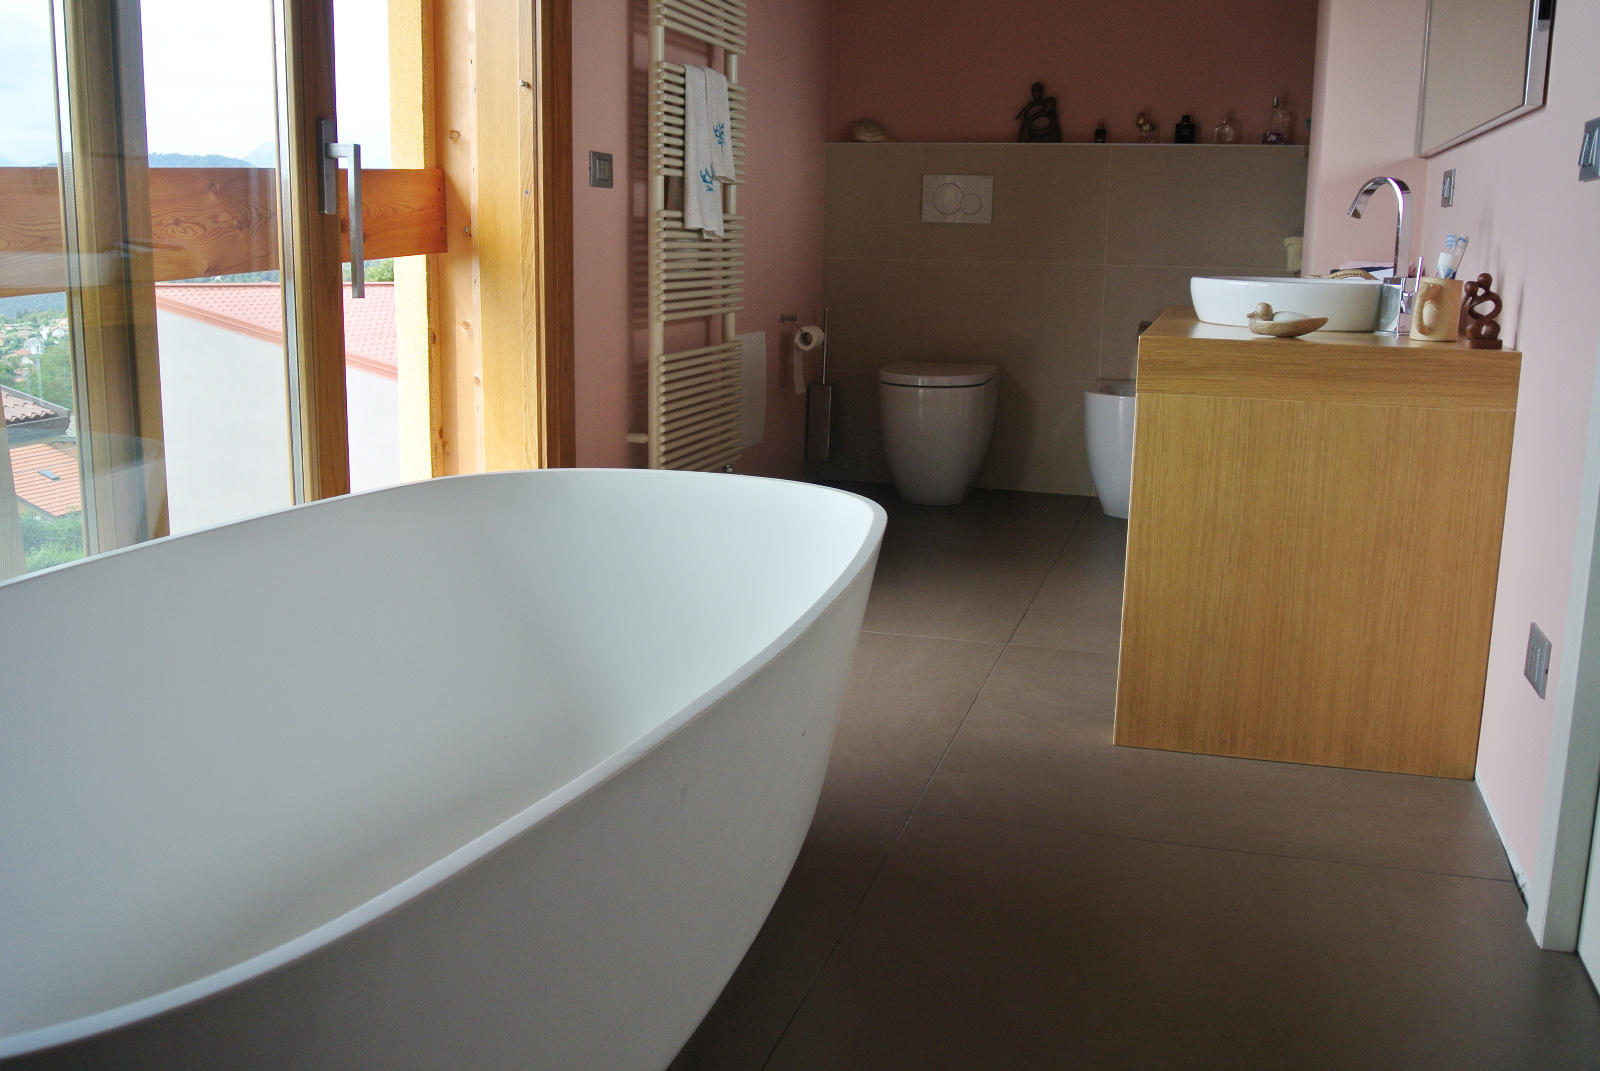 sintesibagno8bis-verbania-lago-maggiore-svizzera-arredobagno-canton-ticino-bagno-vasca-centro-stanza-lavabo-sfera-cx-catalano